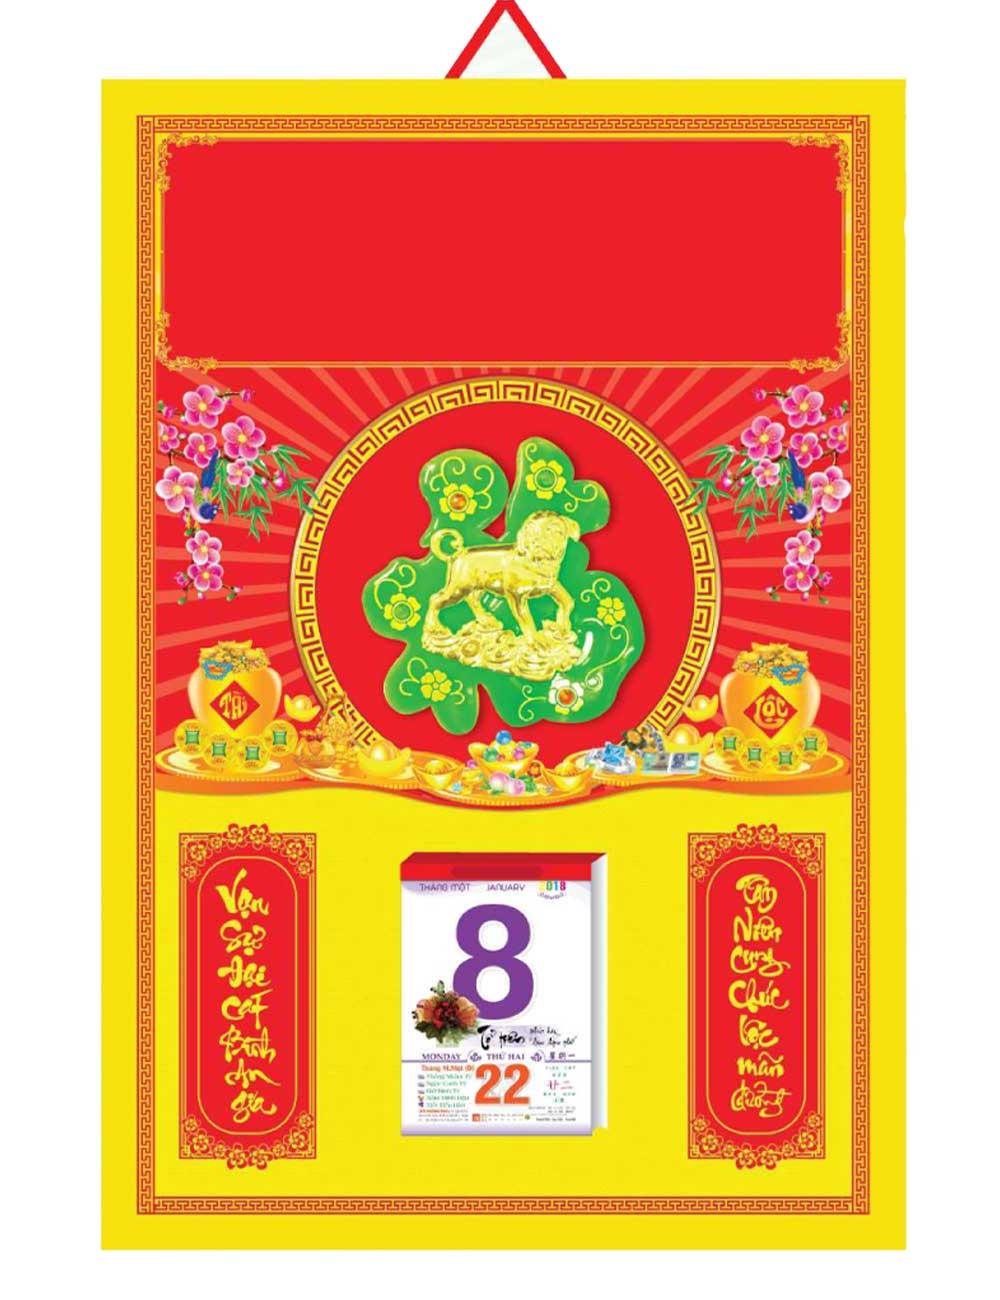 KV289 - Bìa Lịch Treo Tường 2018 (40x60 cm) - Vàng Bạc, Dán Nổi Chữ Phước Hình Chó - EBOOK/PDF/PRC/EPUB